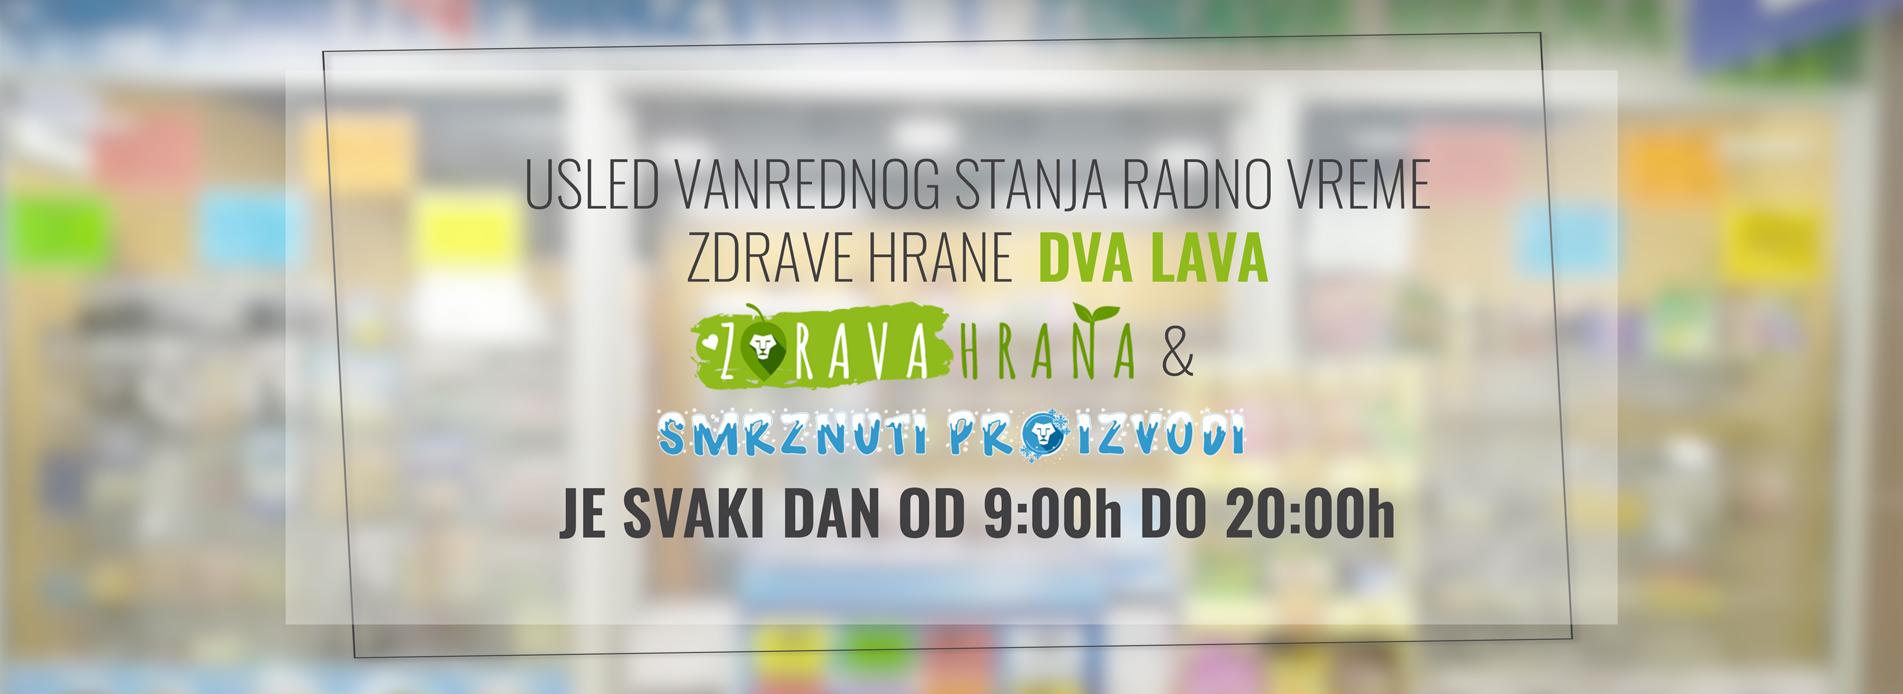 covid2019-radno-vreme-2lava